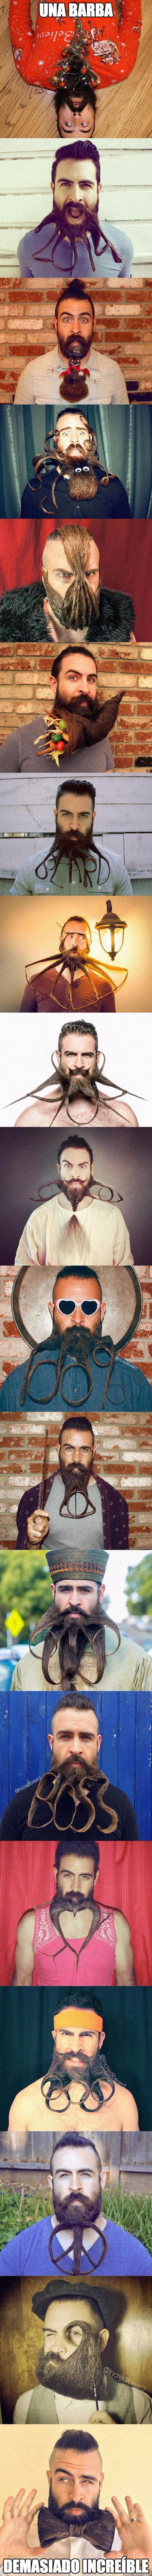 Meme_otros - La perfección en barba